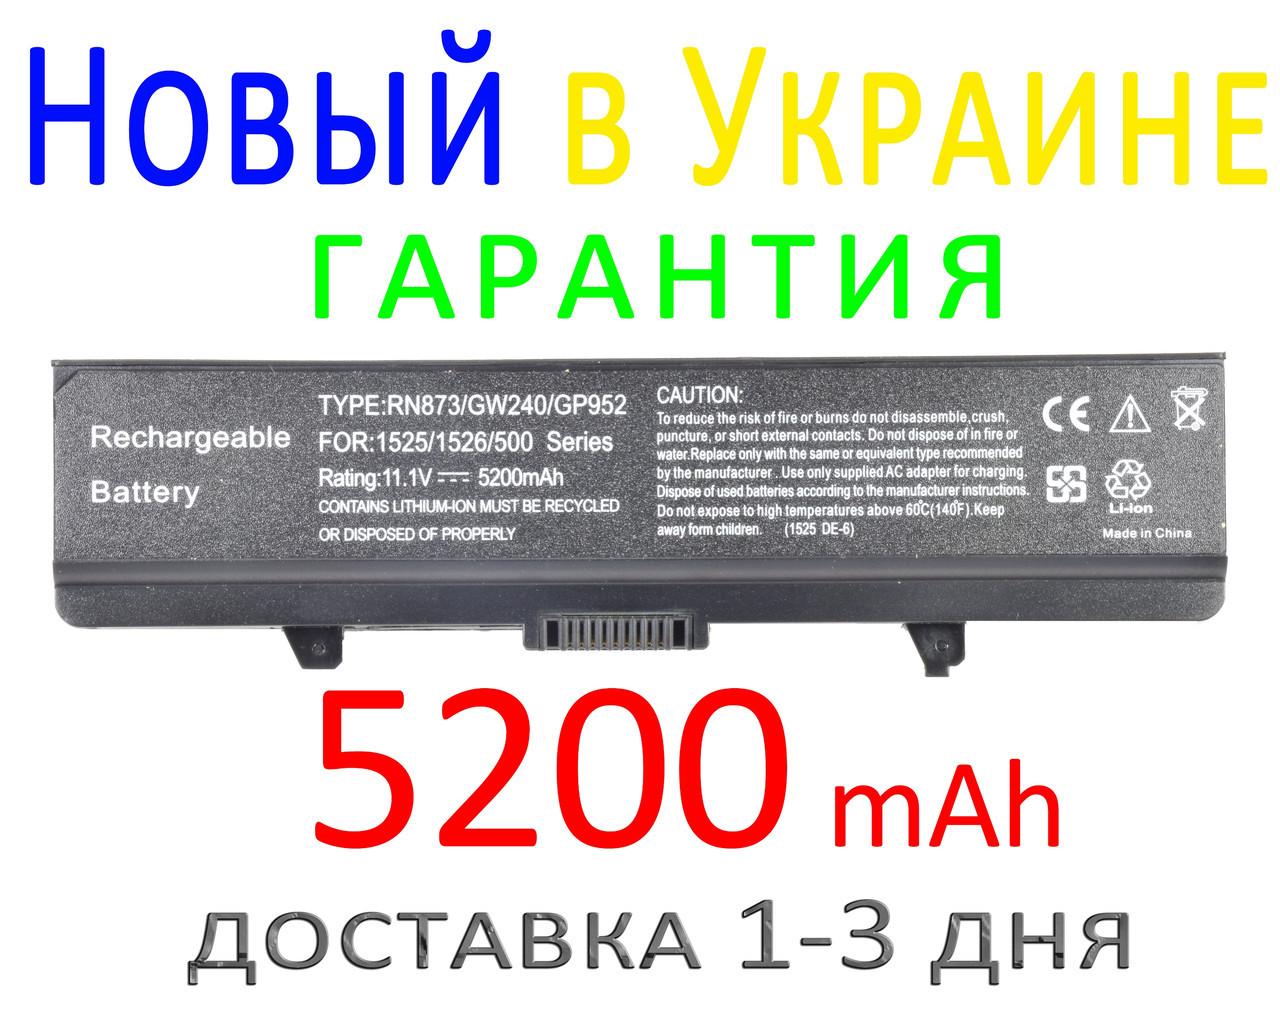 Аккумулятор батарея GW240 GW252 0GW252 GP952 RU586 RN873 X284G HP297 D608H 312-0626 312-0634